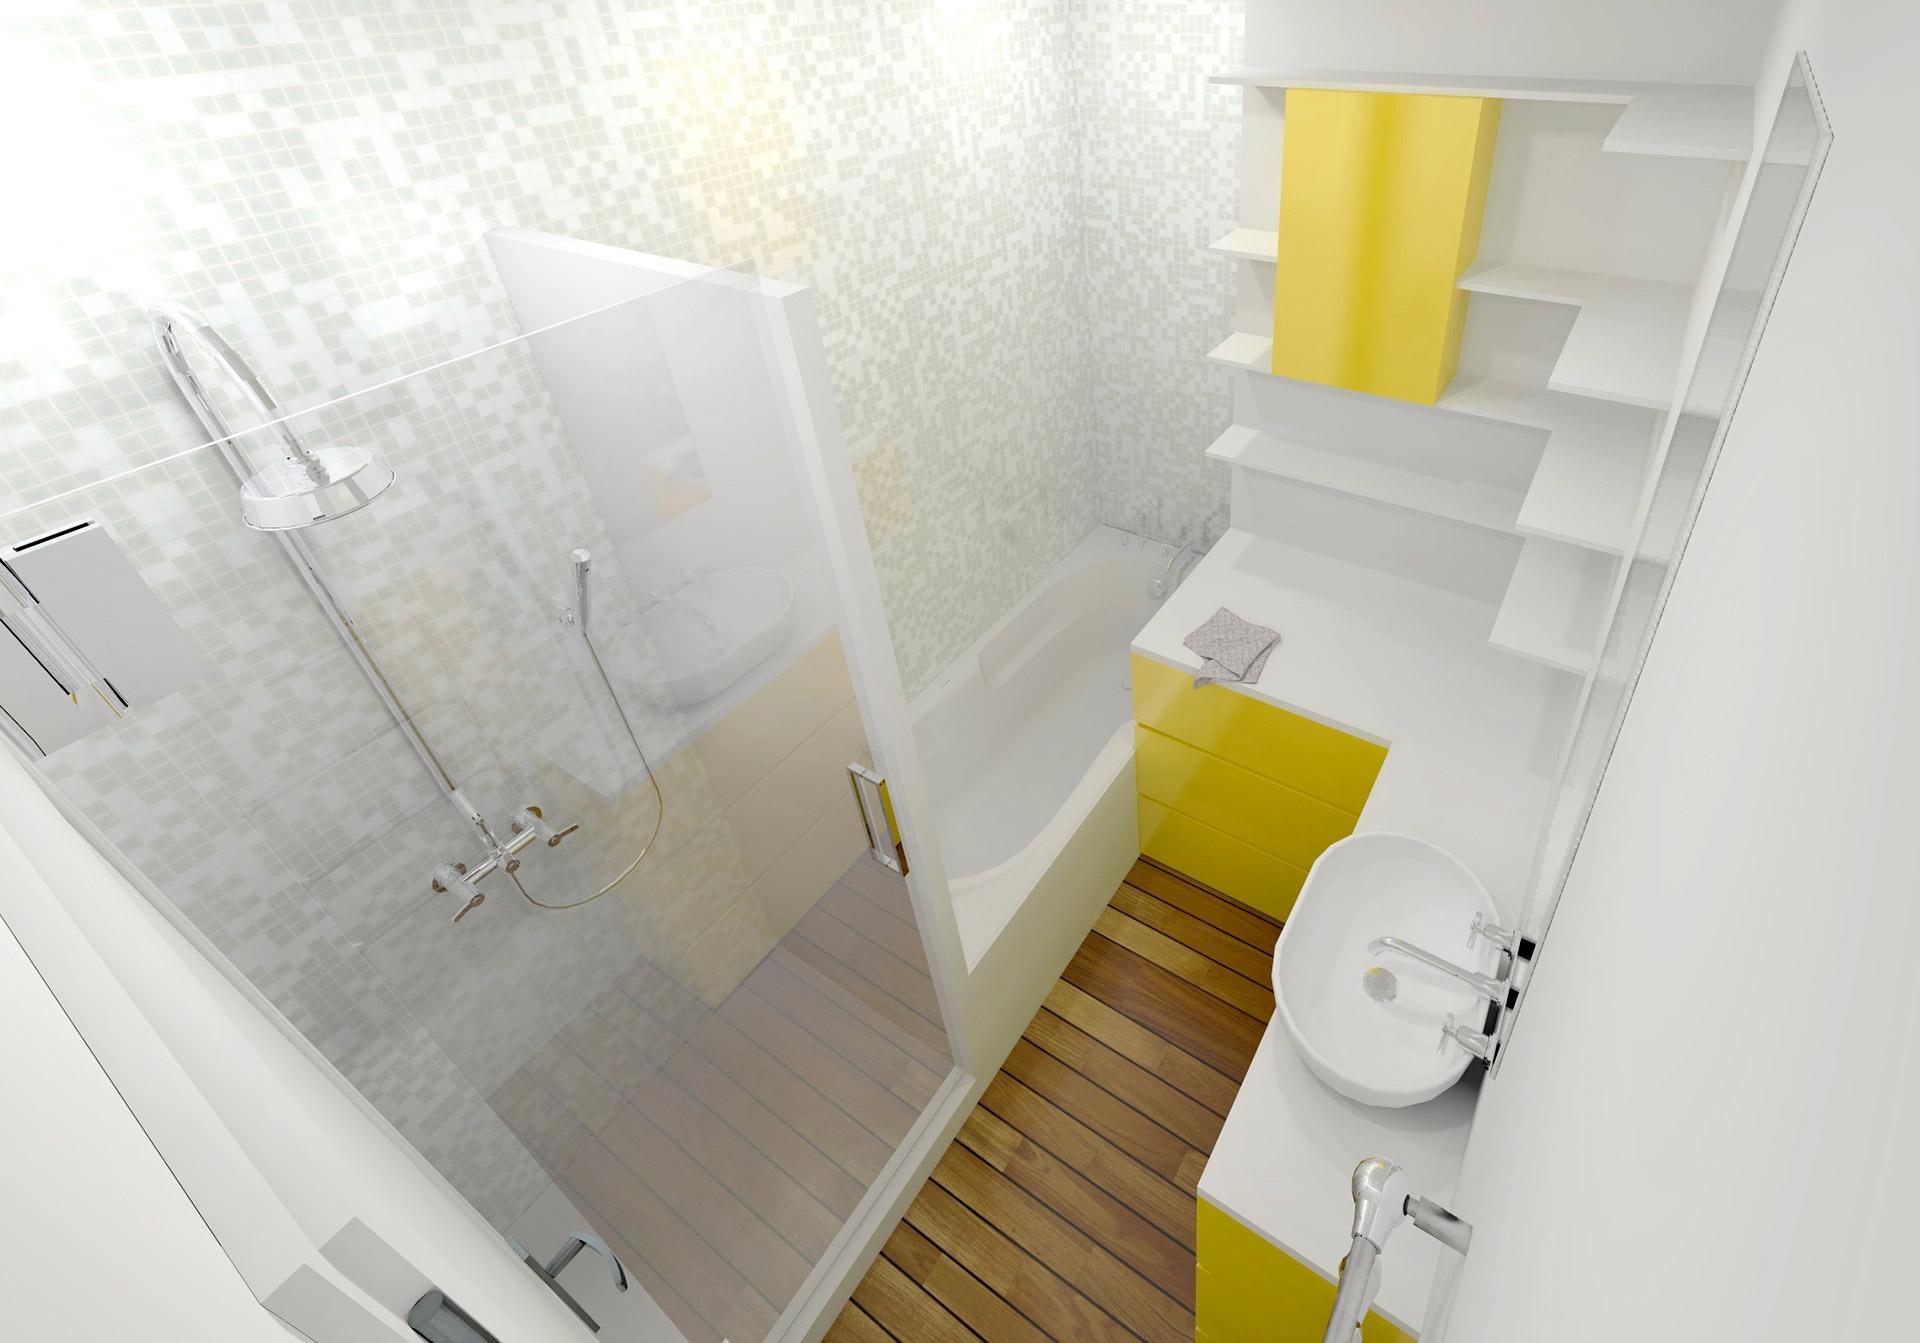 Appartement Haussmanien 16eme douche mosaique salle de bain Agence Avous